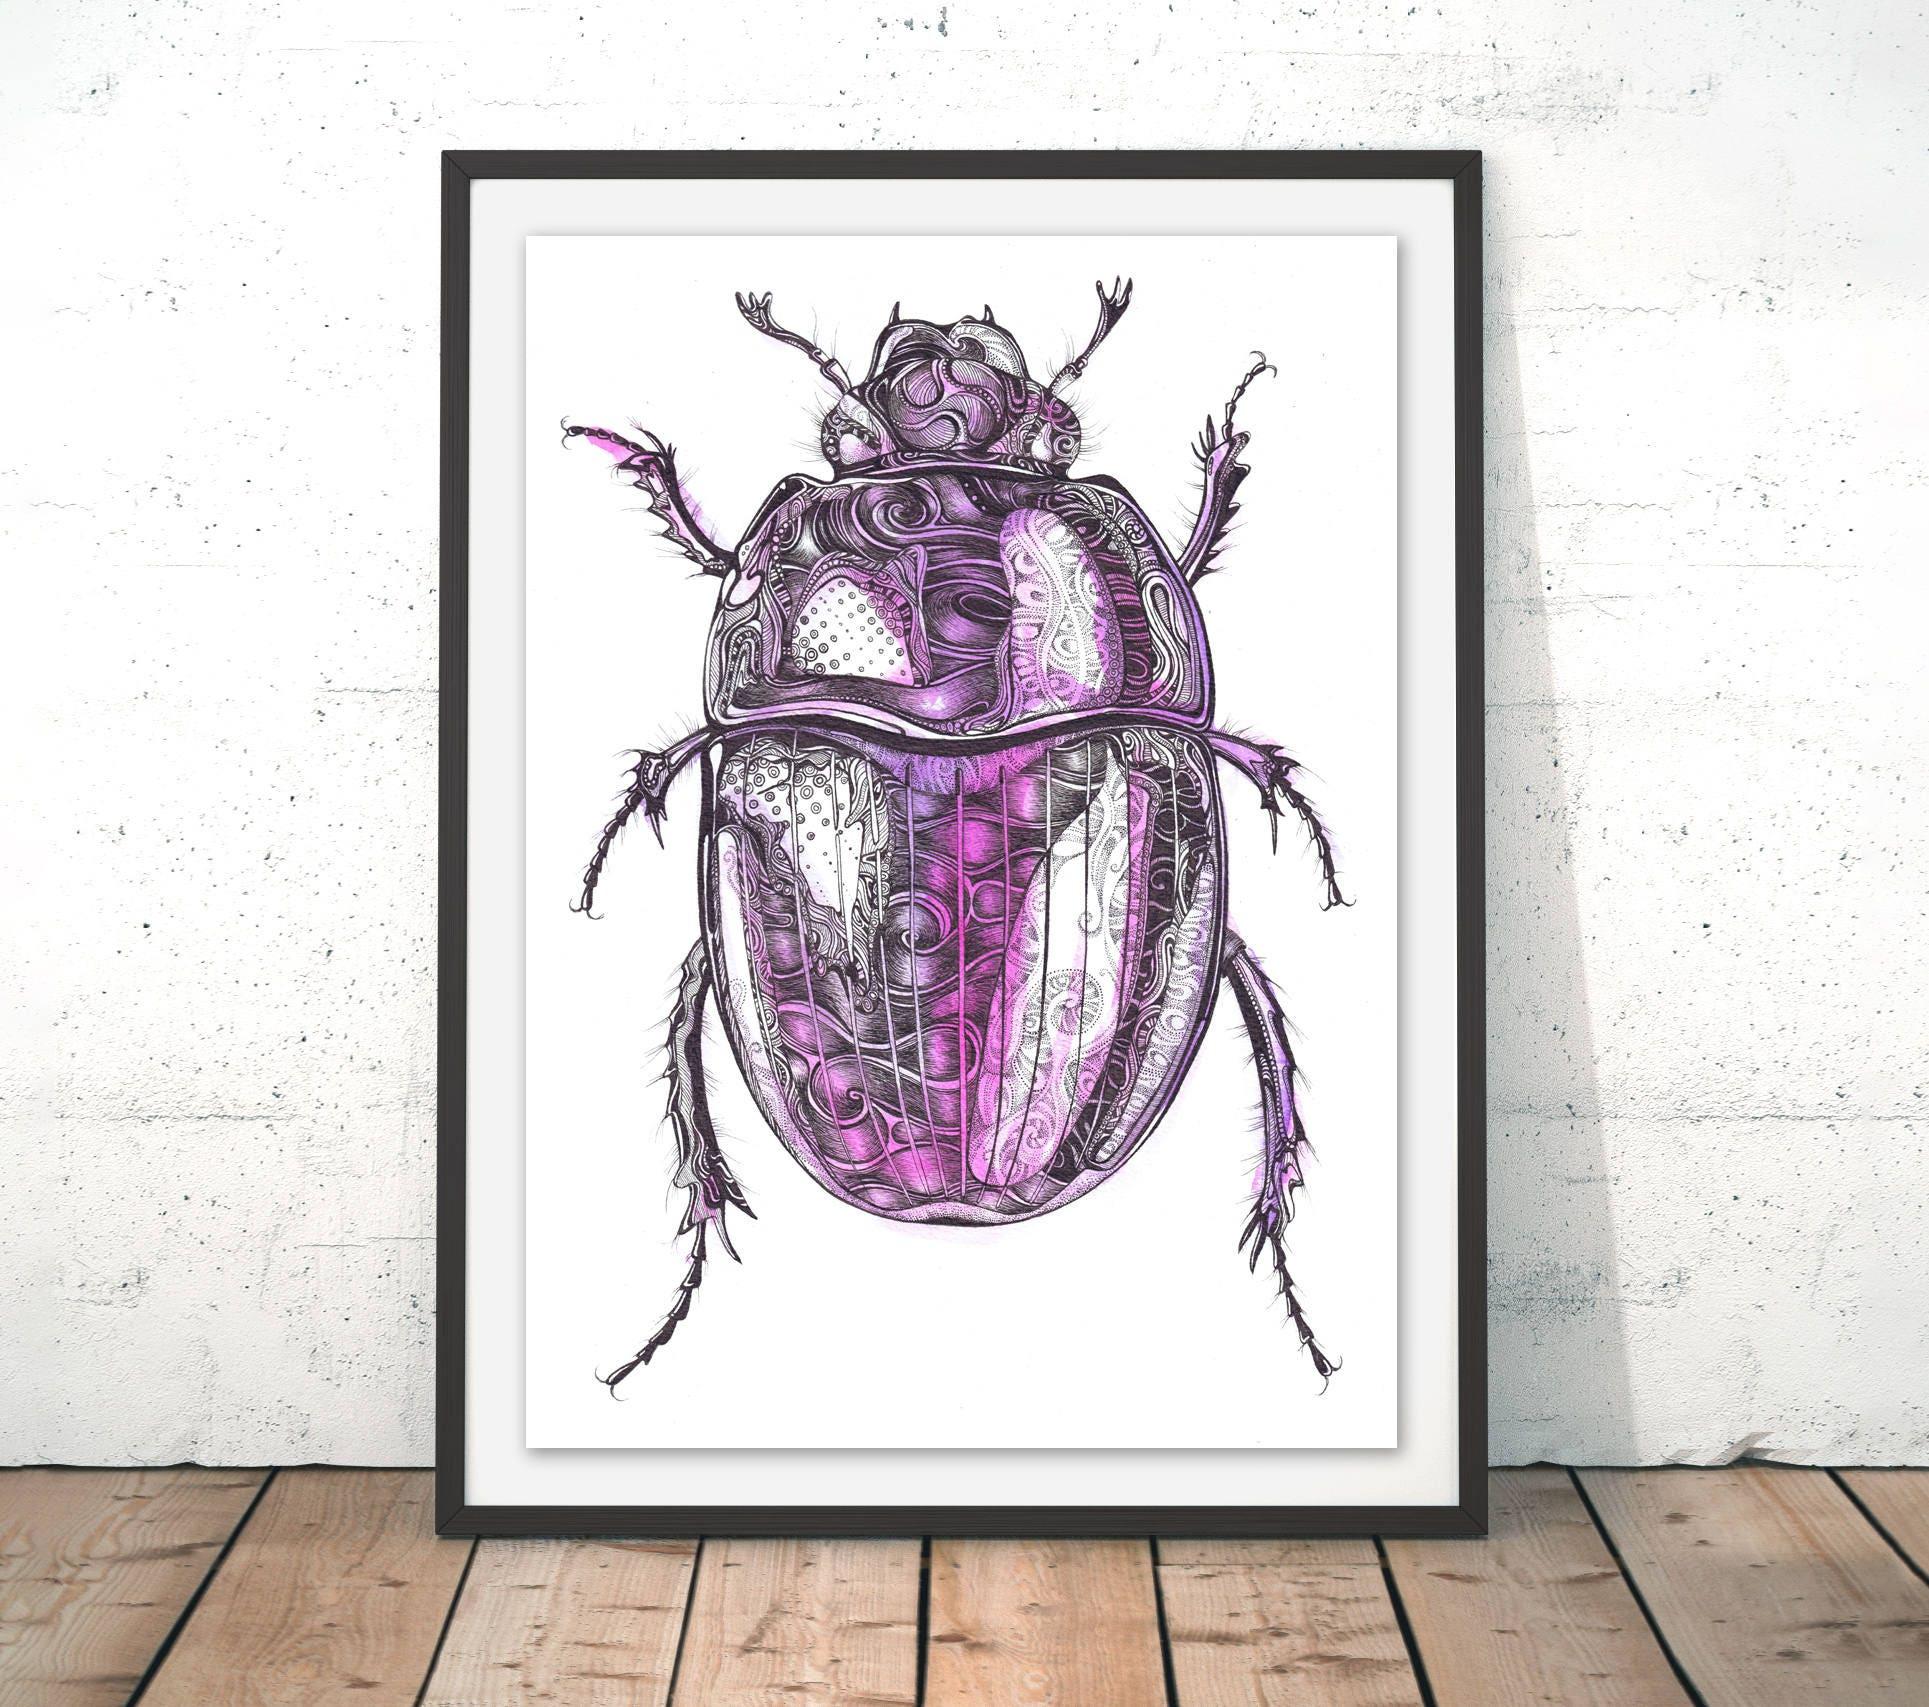 Kunstdruck/Poster Käfer Käfer Poster Insekt Wandkunst   Etsy